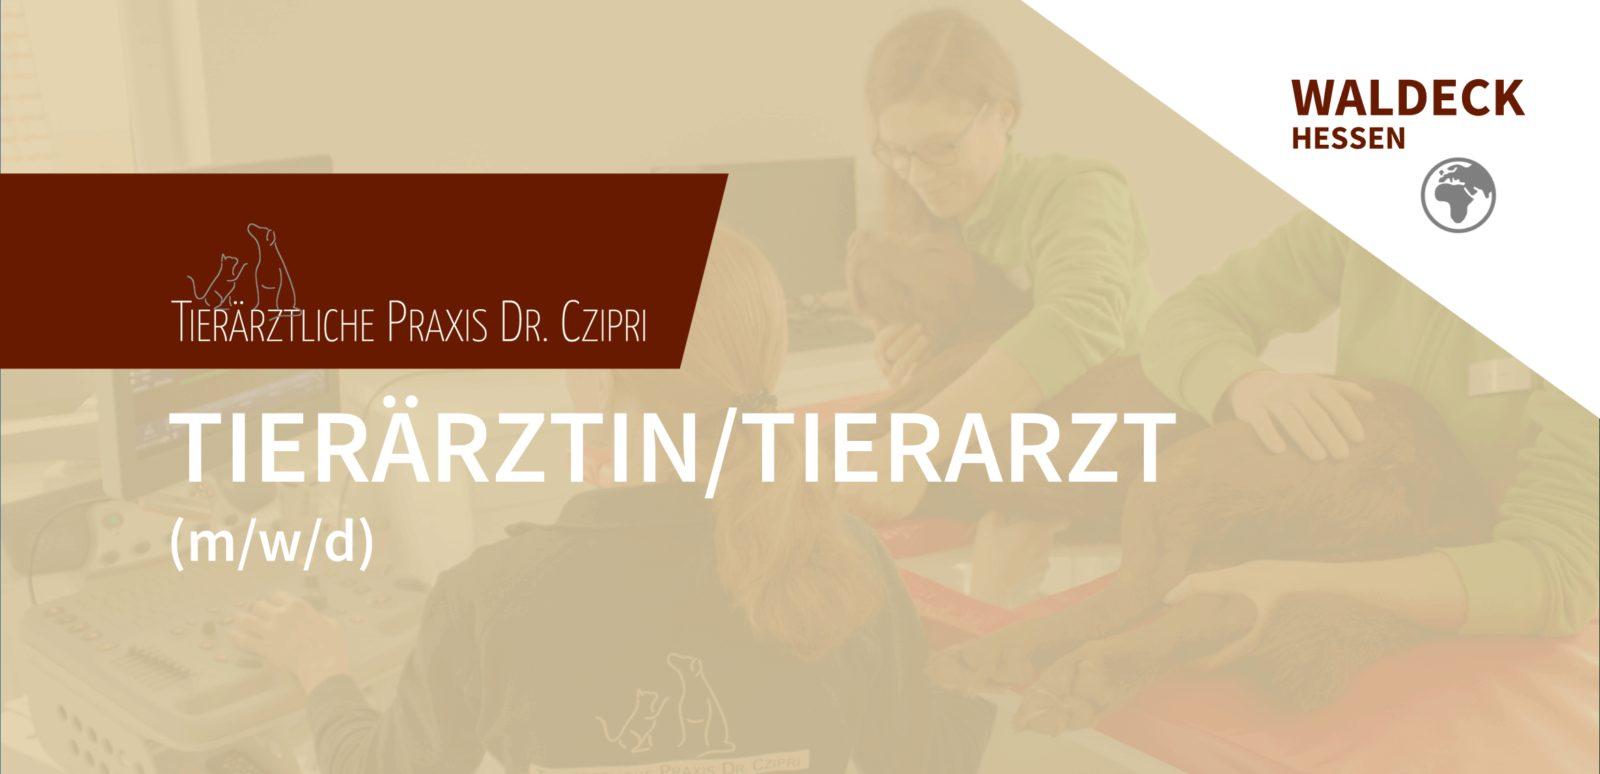 Tierärztliche Praxis Dr. Czipri - Tierärztin/Tierarzt (m/w/d) in Bad Zwesten gesucht